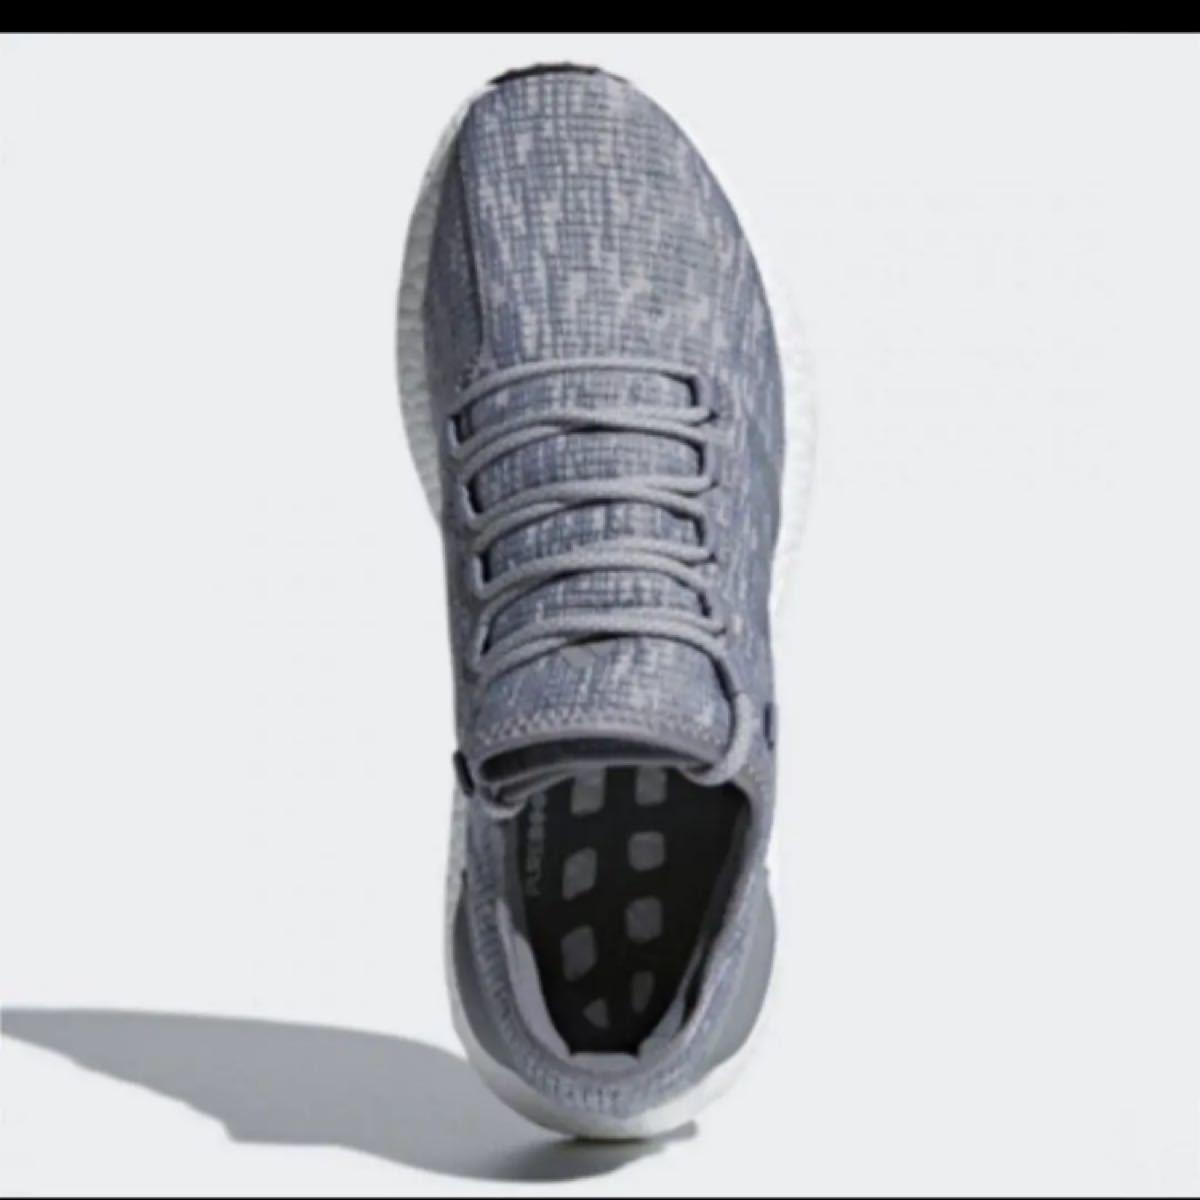 adidas アディダス  ブースト ランニング  マラソン スニーカー